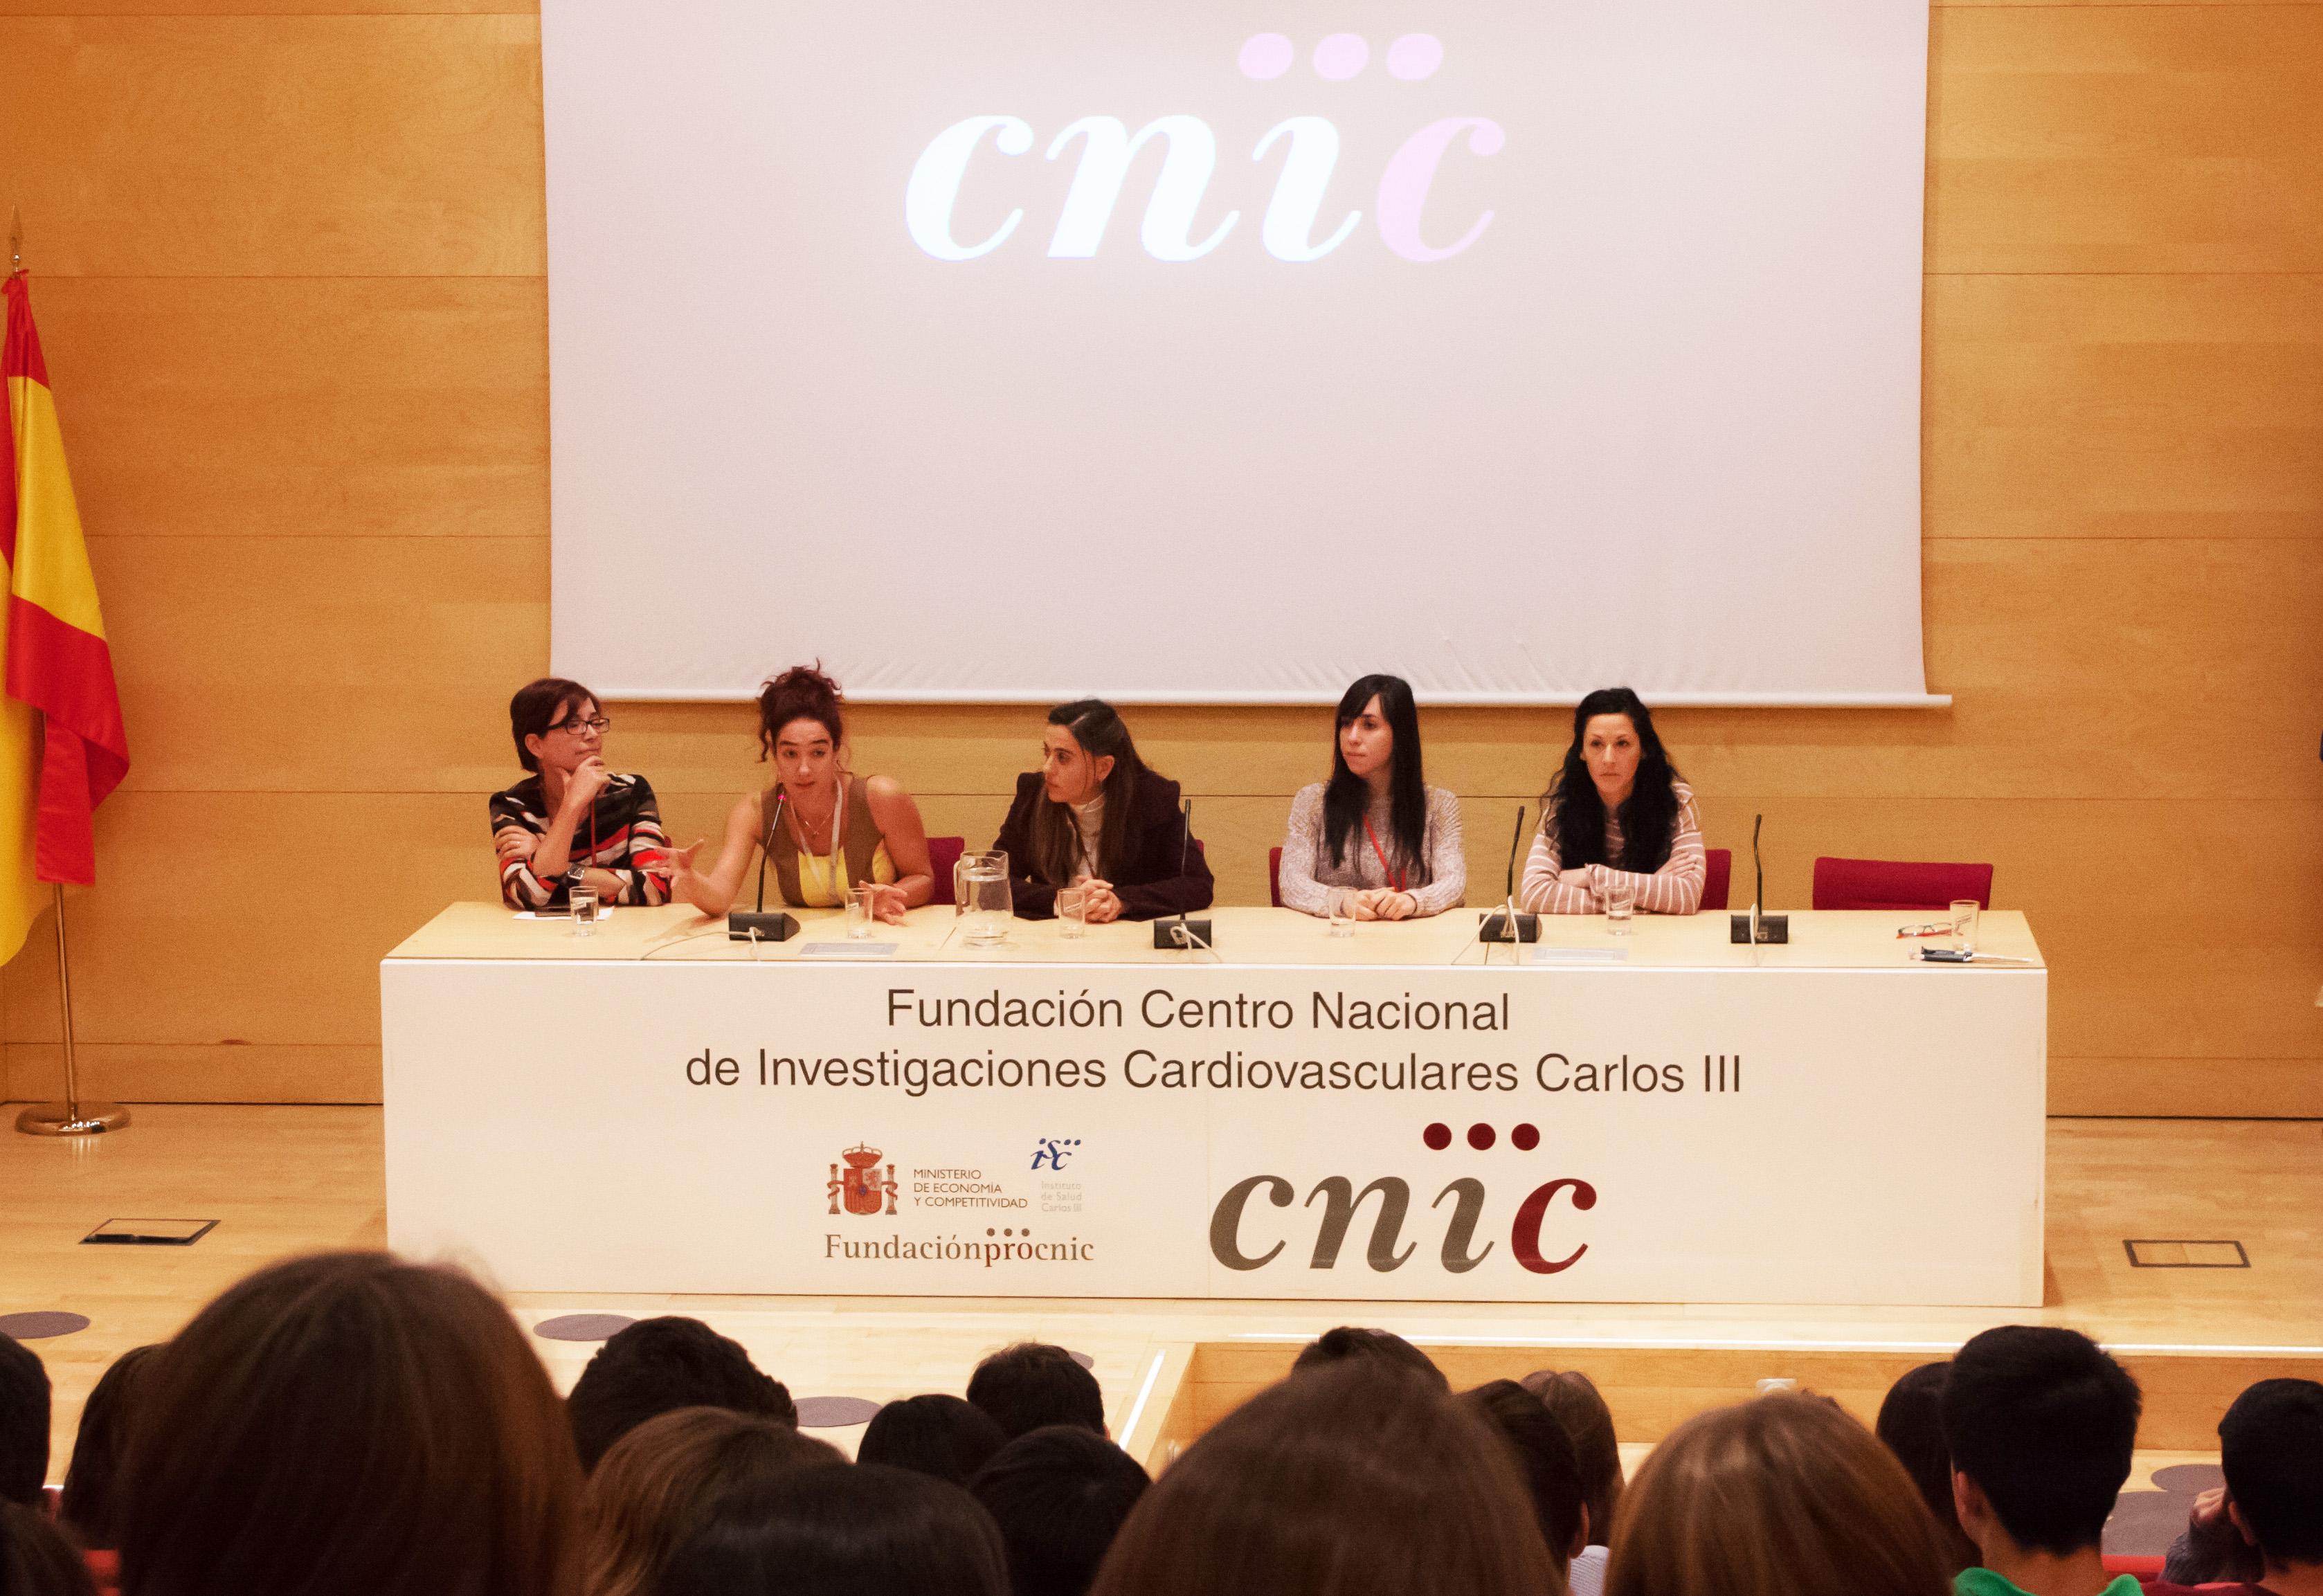 Julia Redondo, Rebeca Acín, Guadalupe Sabio, María del Valle Montalvo y Leticia Herrera Melle